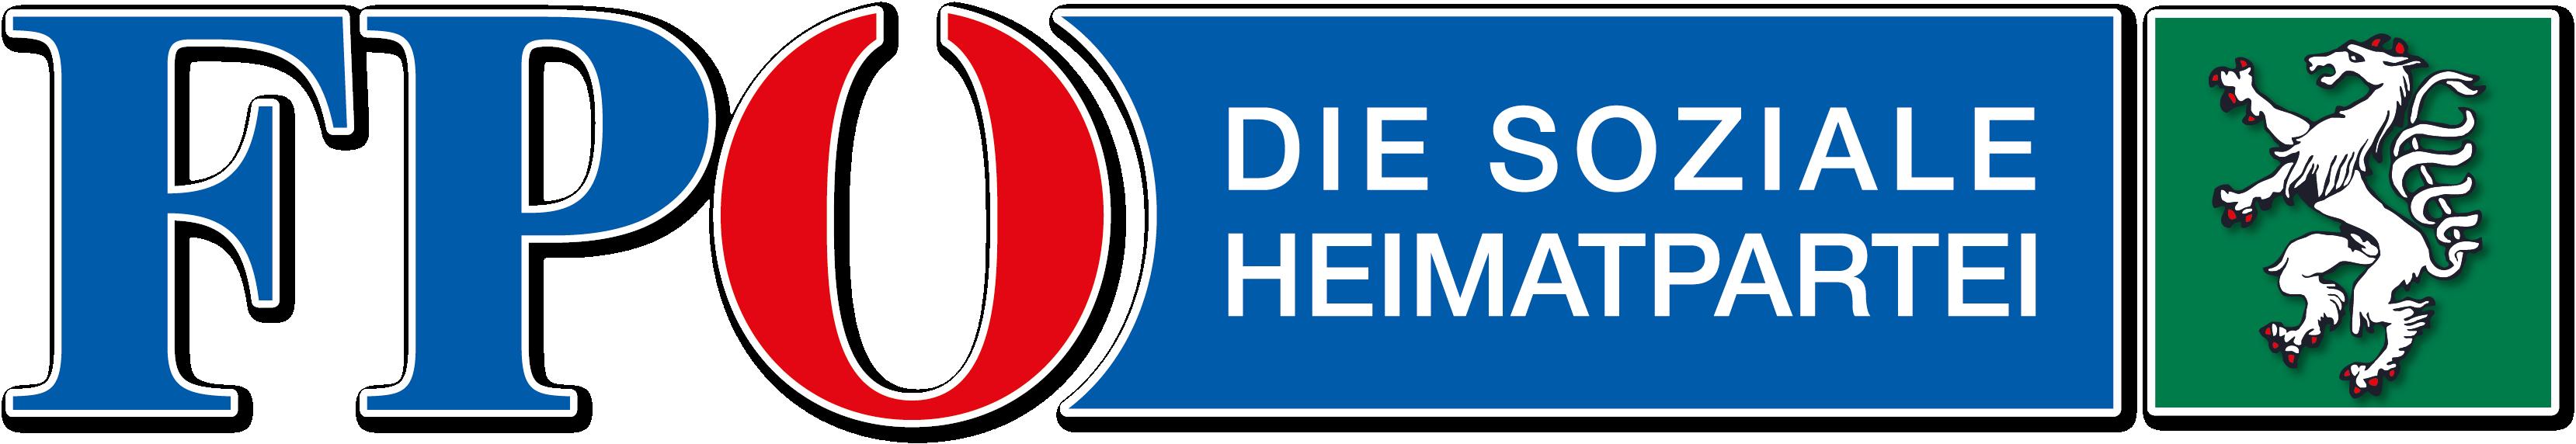 FPÖ Logo